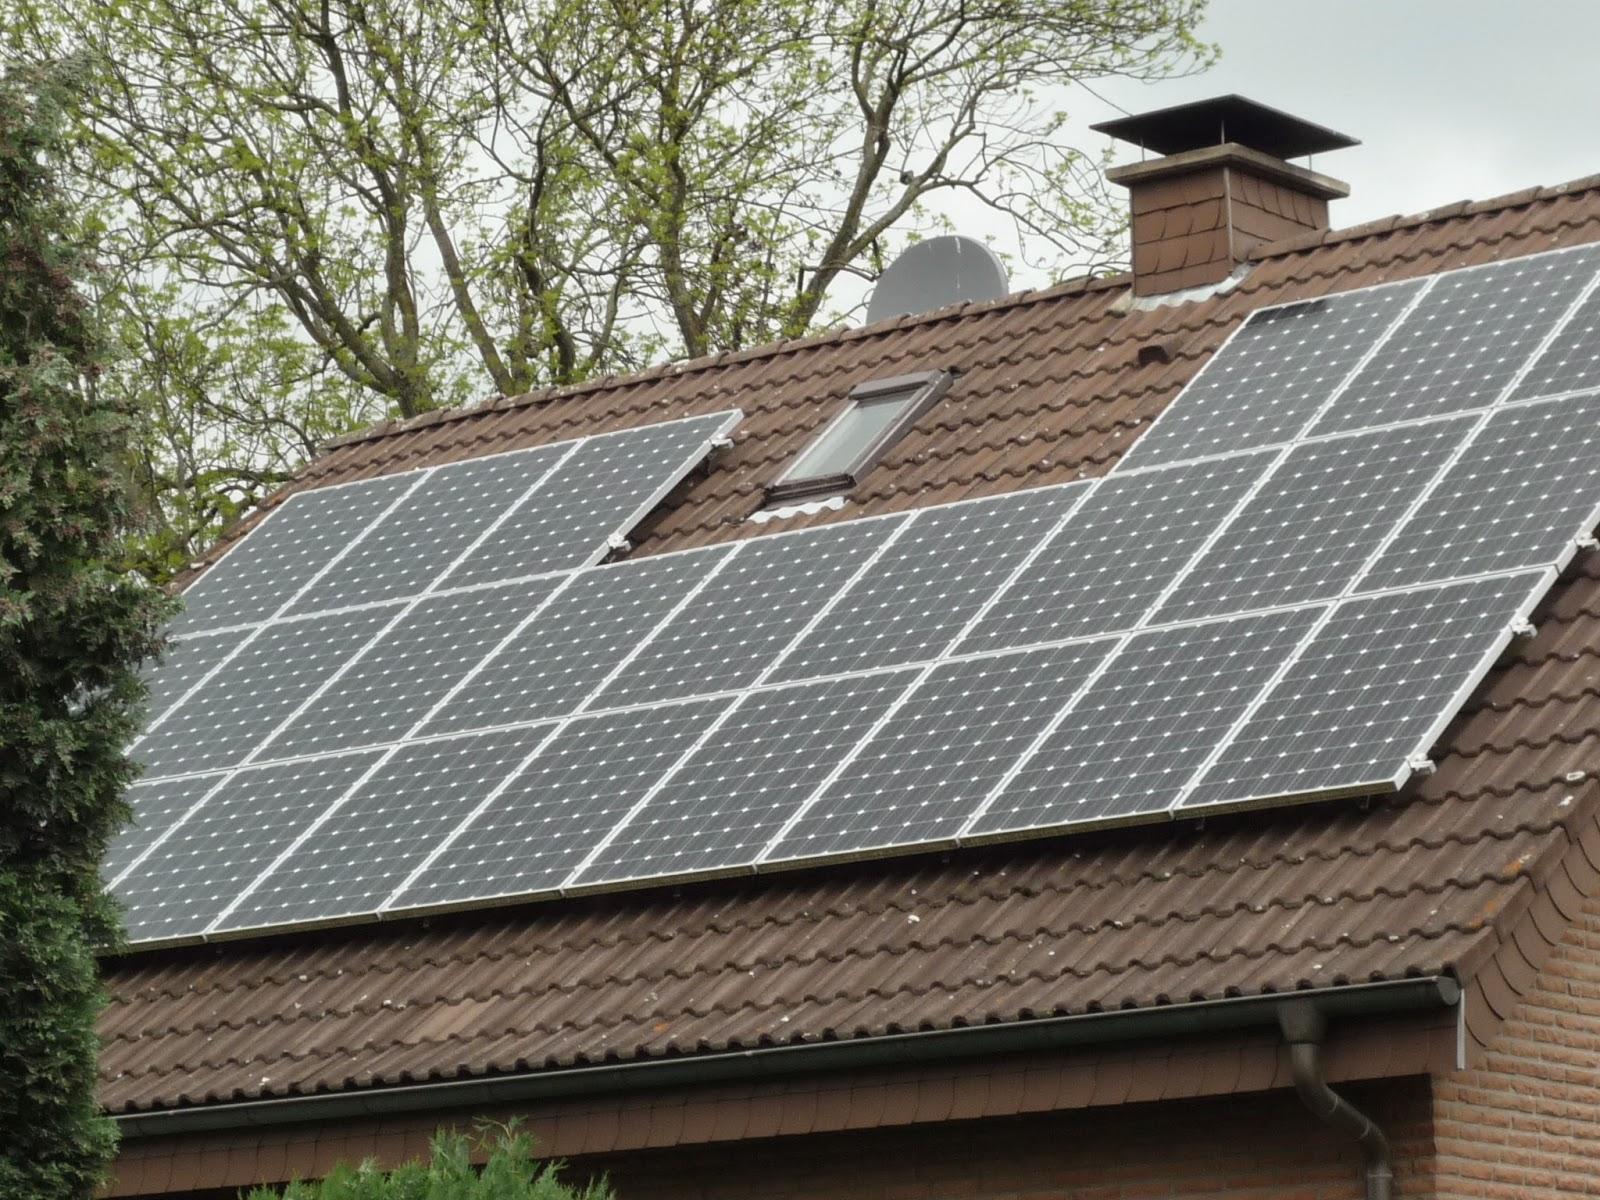 baumarkt stabilo der beste onlineshop lohnen sich noch solaranlagen. Black Bedroom Furniture Sets. Home Design Ideas